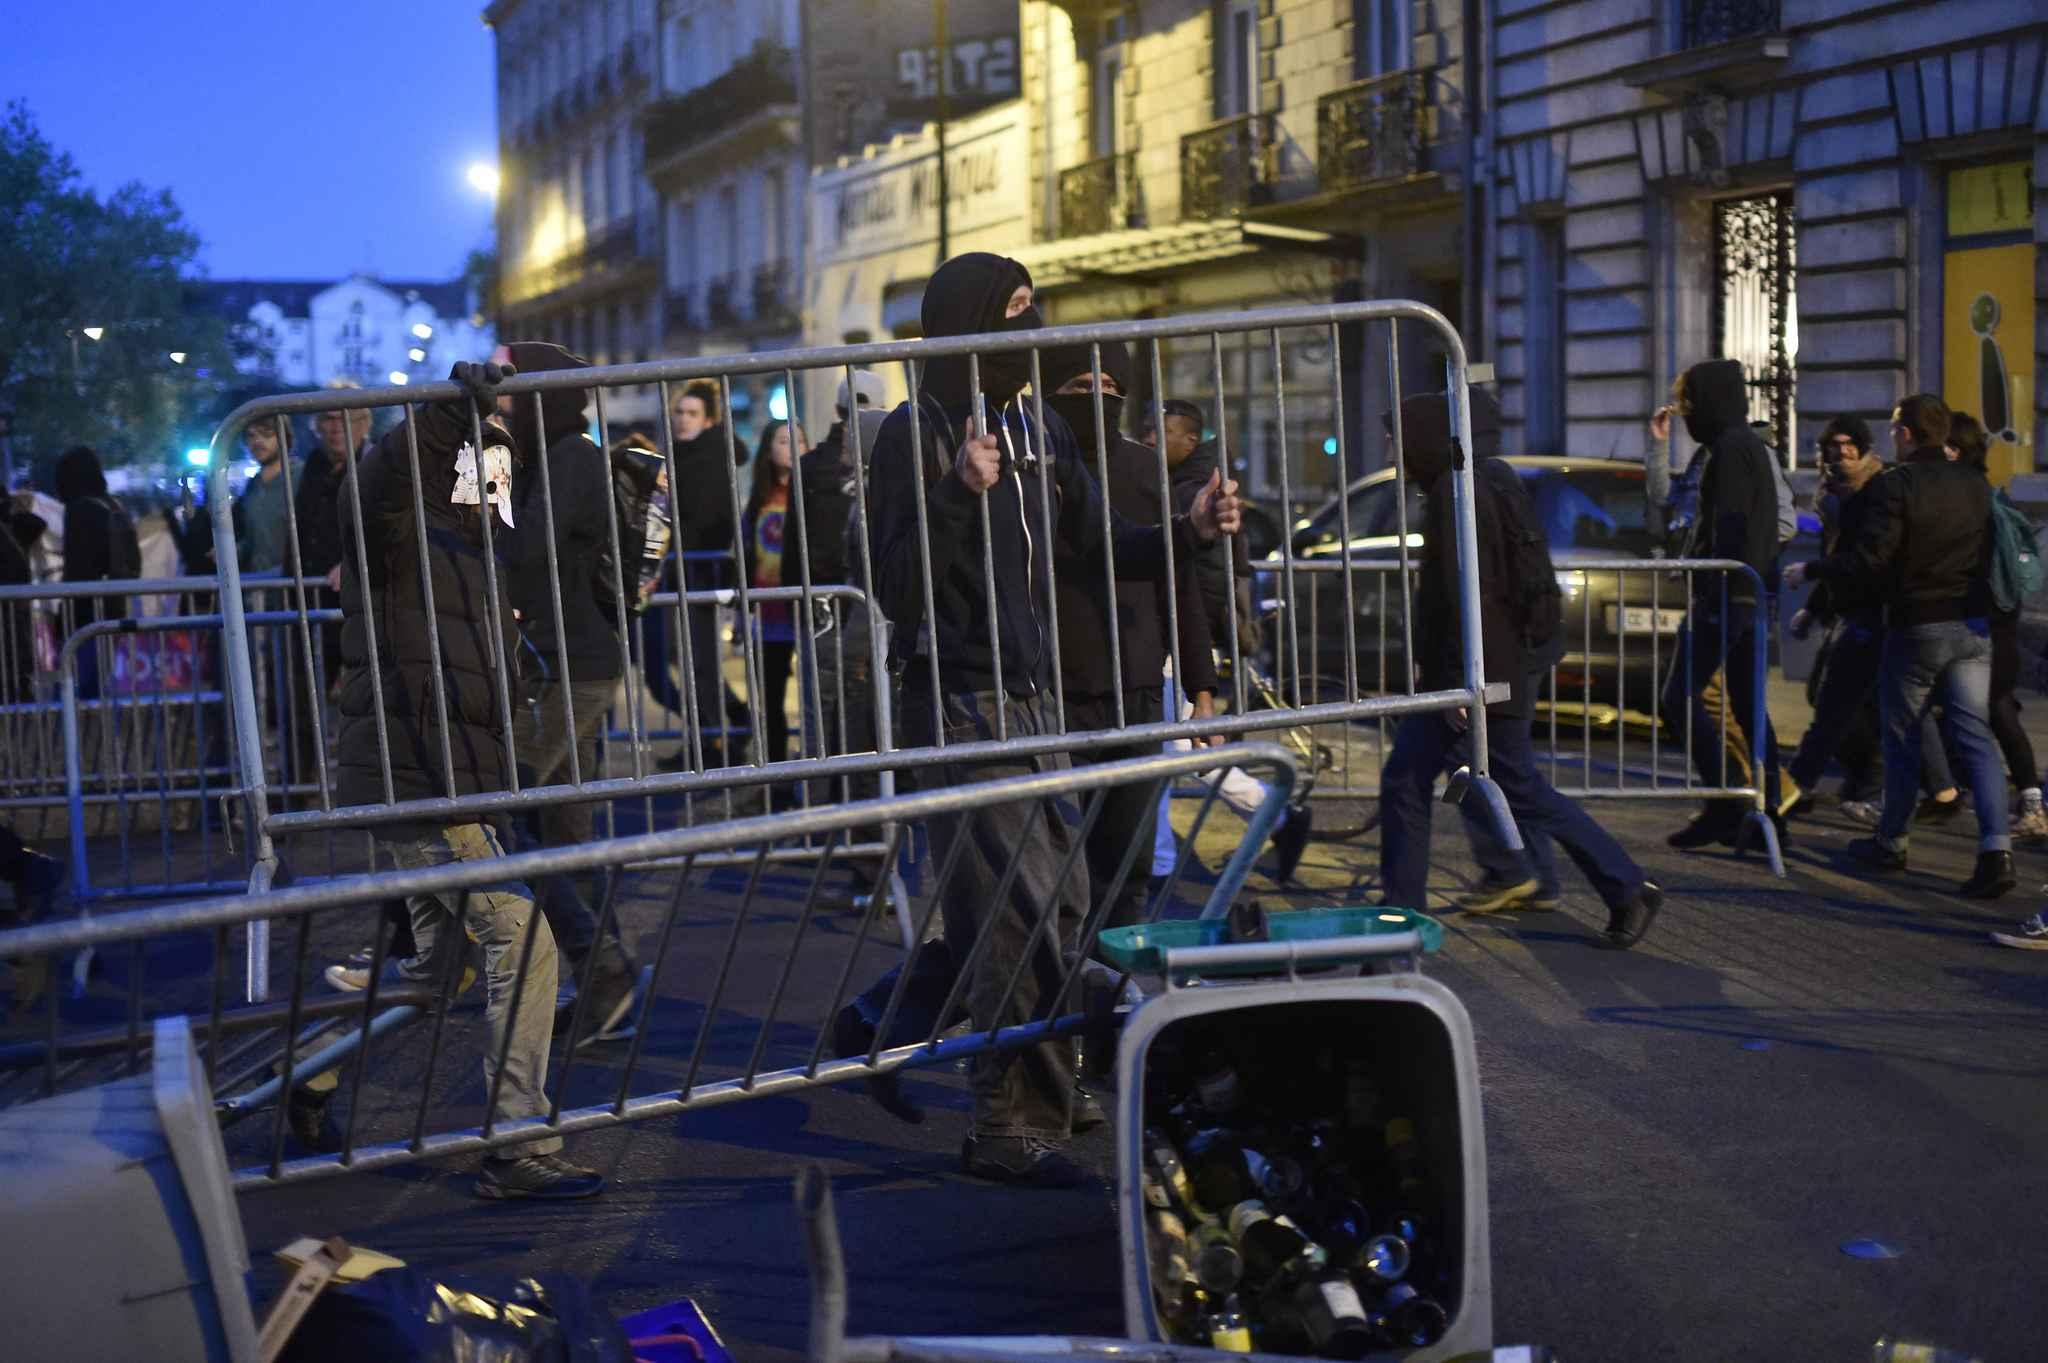 Manifestation agitée à Nantes après l'annonce des résultats — Présidentielle